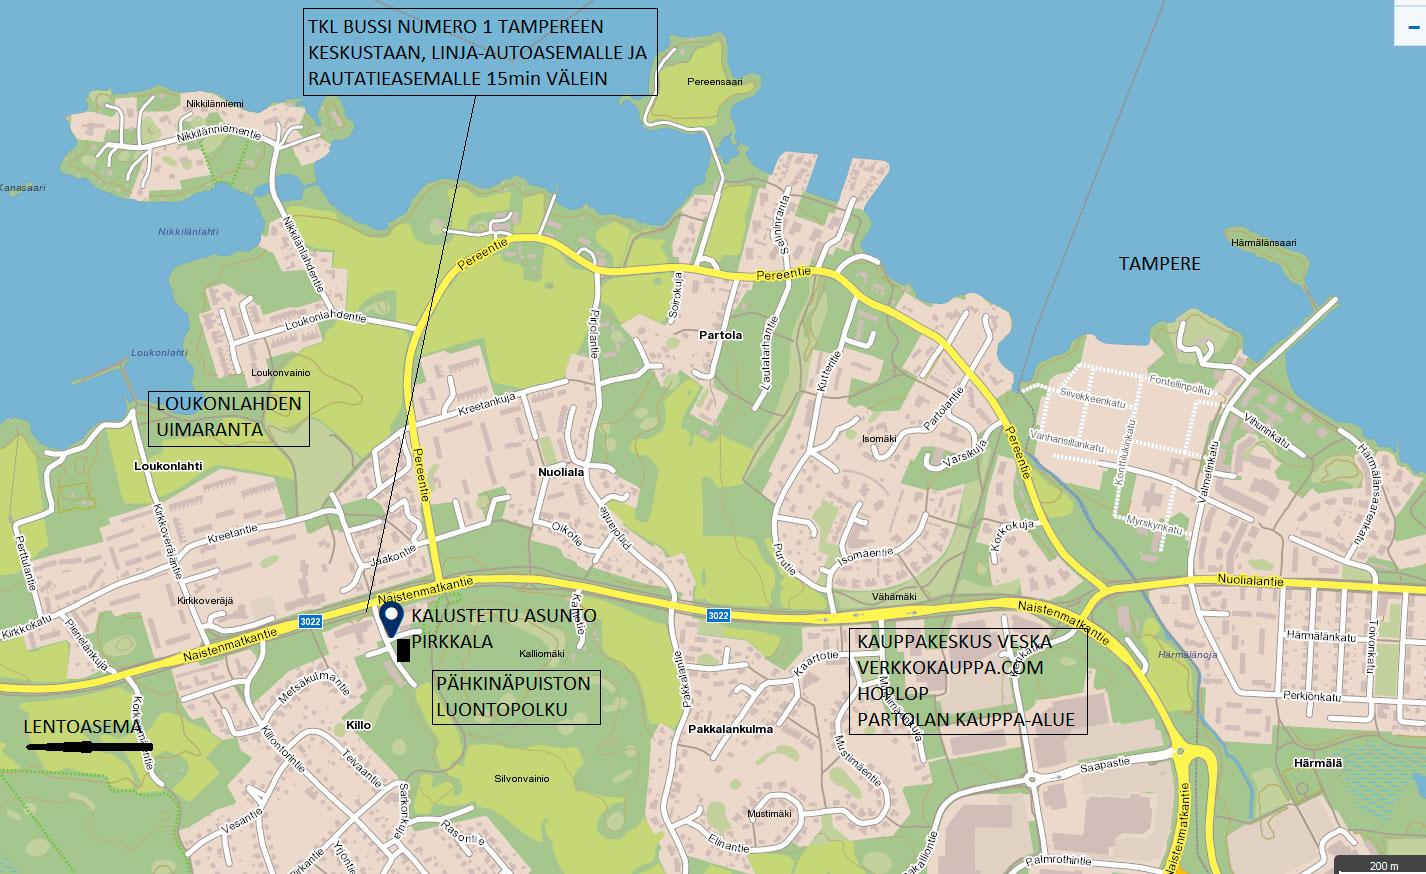 Kartta Pahkinapuisto Kalustettu Asunto Pirkkala